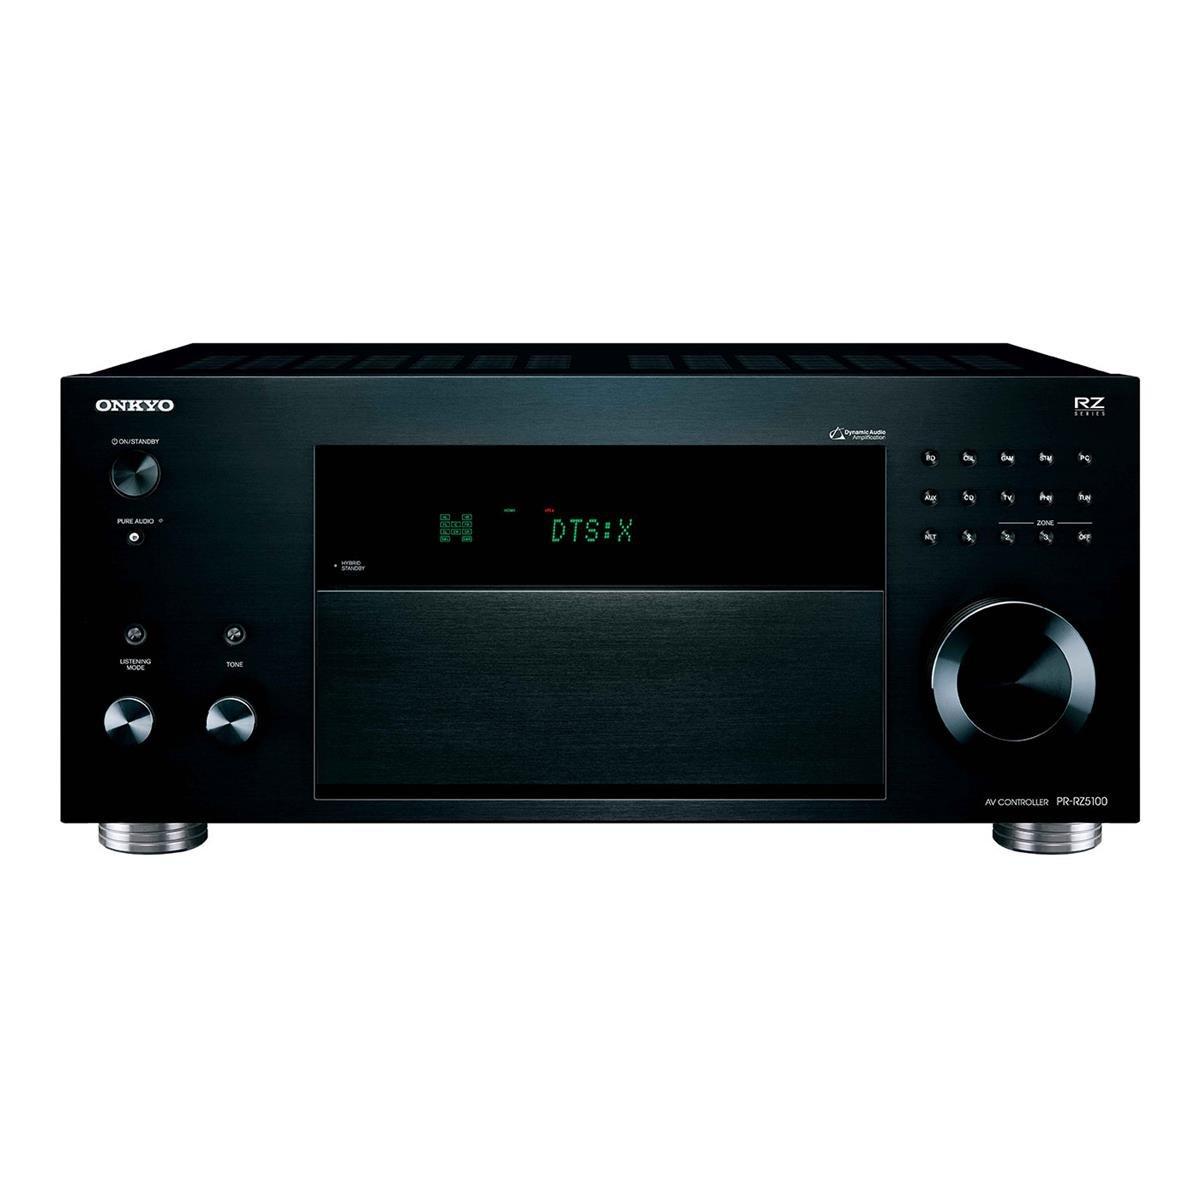 Onkyo PR-RZ5100 11.2 Channel Network Pre-Amplifier by Onkyo